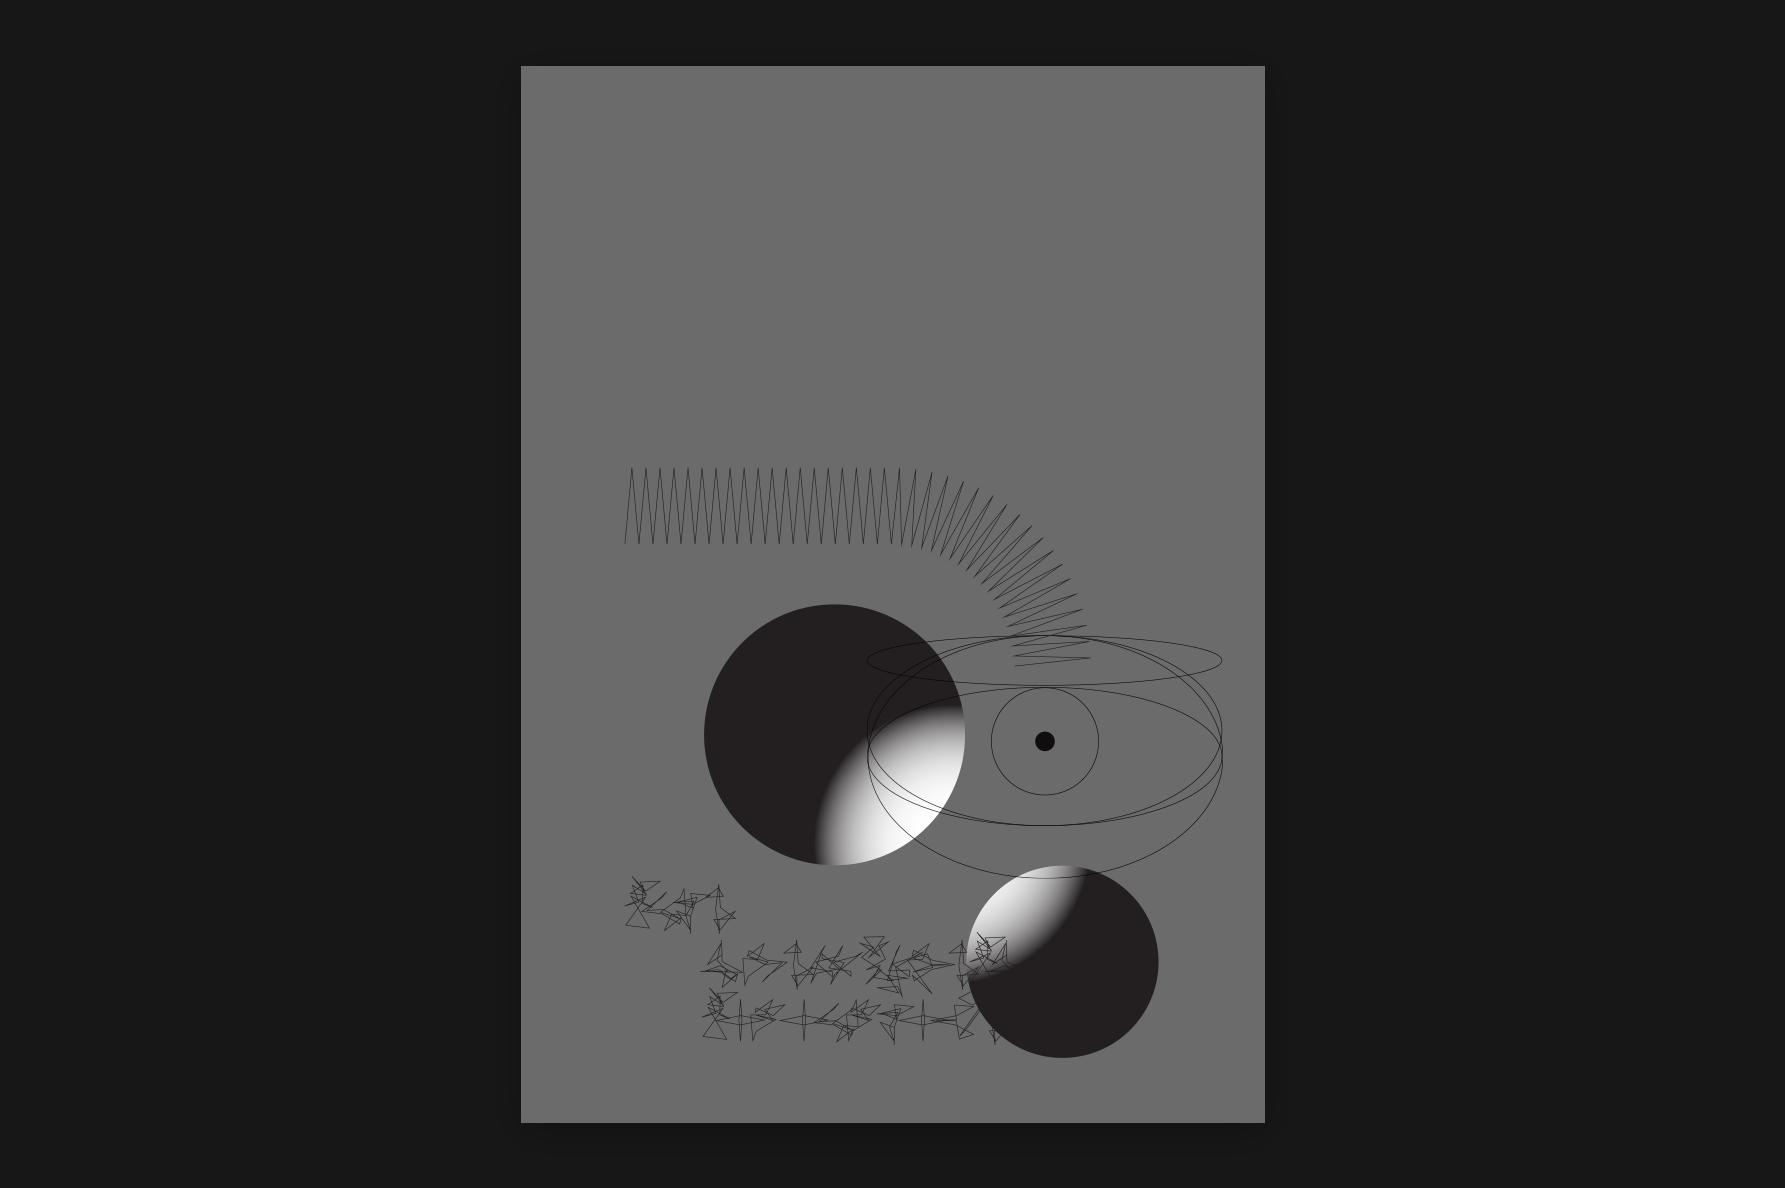 sito_fuse-poster3